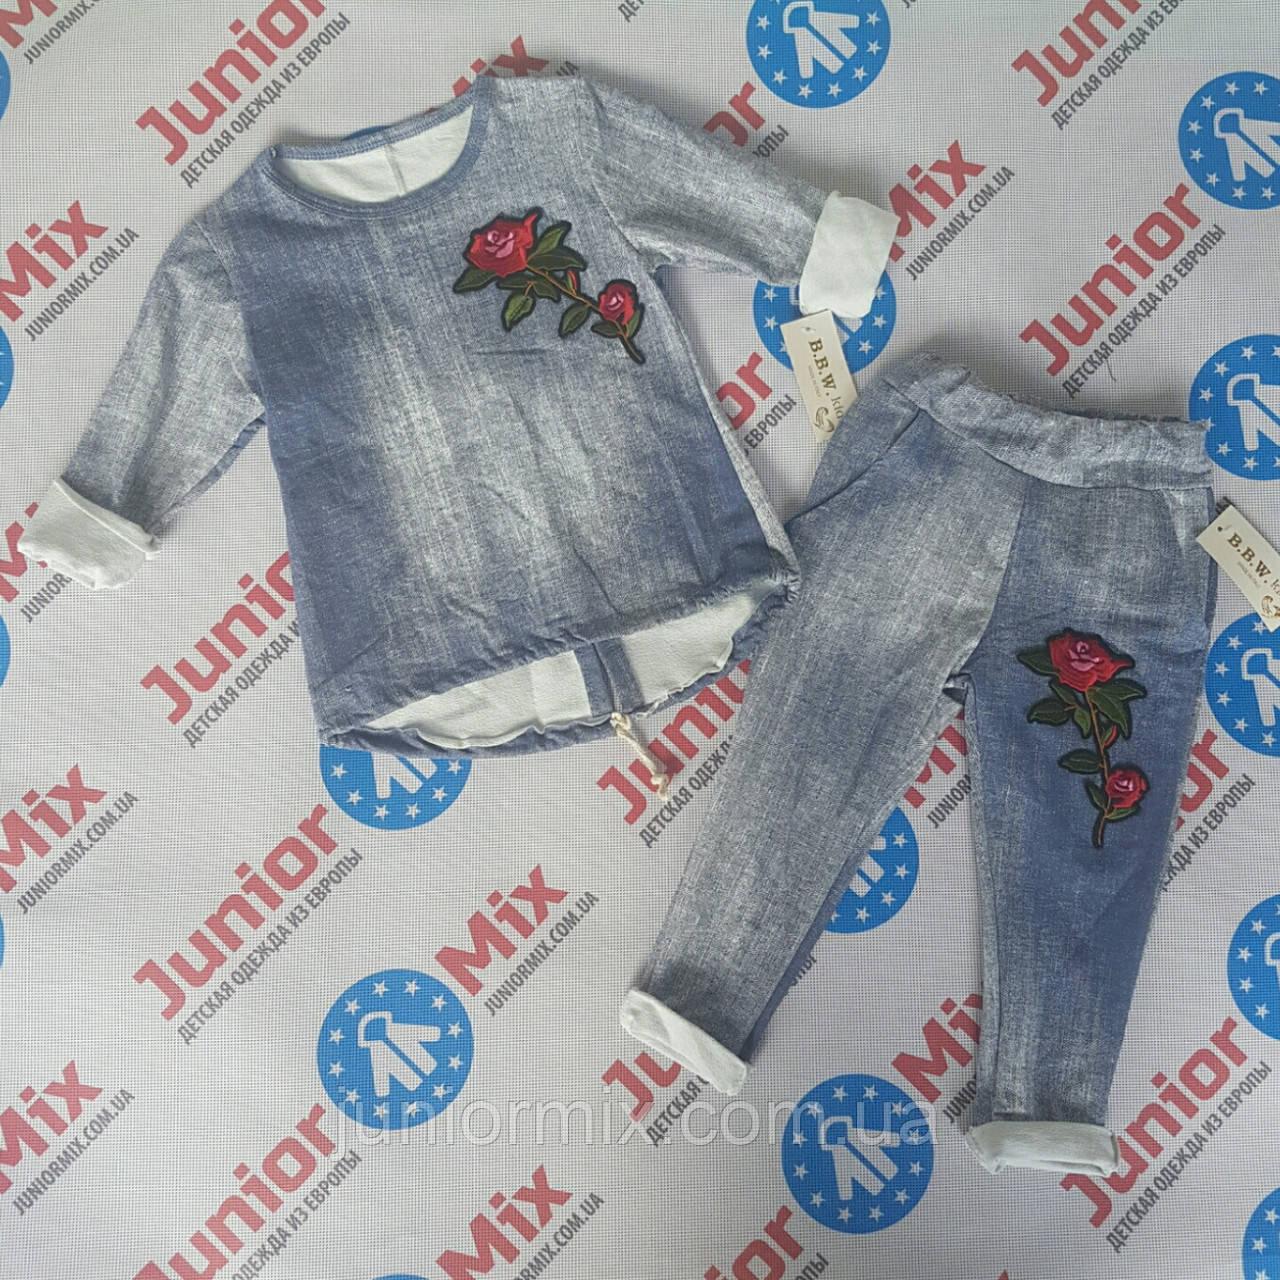 Котонові костюм на дівчинку з вишитою трояндою B. B. W. kids